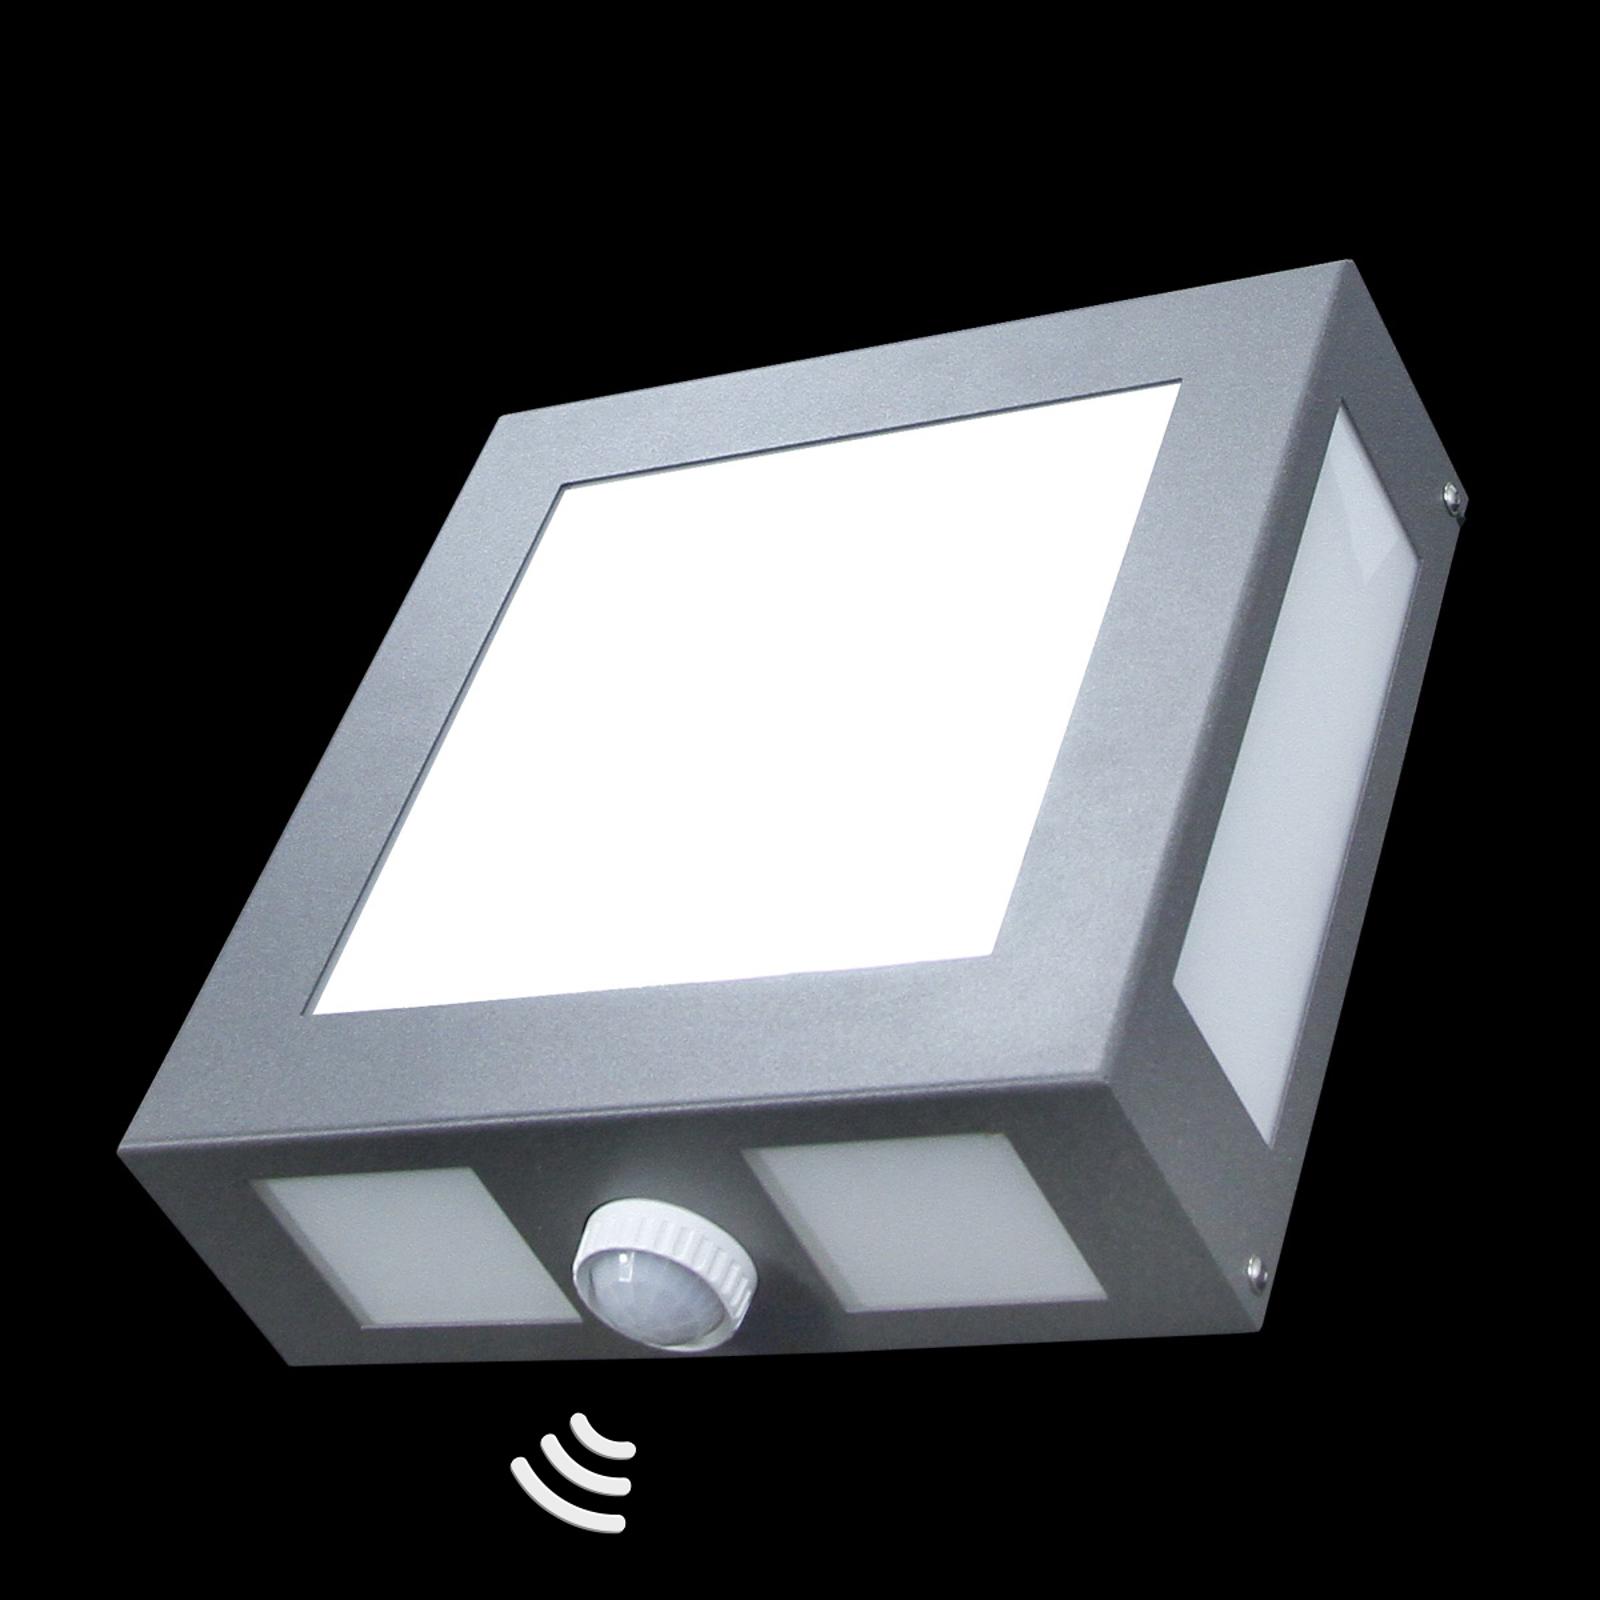 Firkantet Legendo udendørs væglampe i antracit med